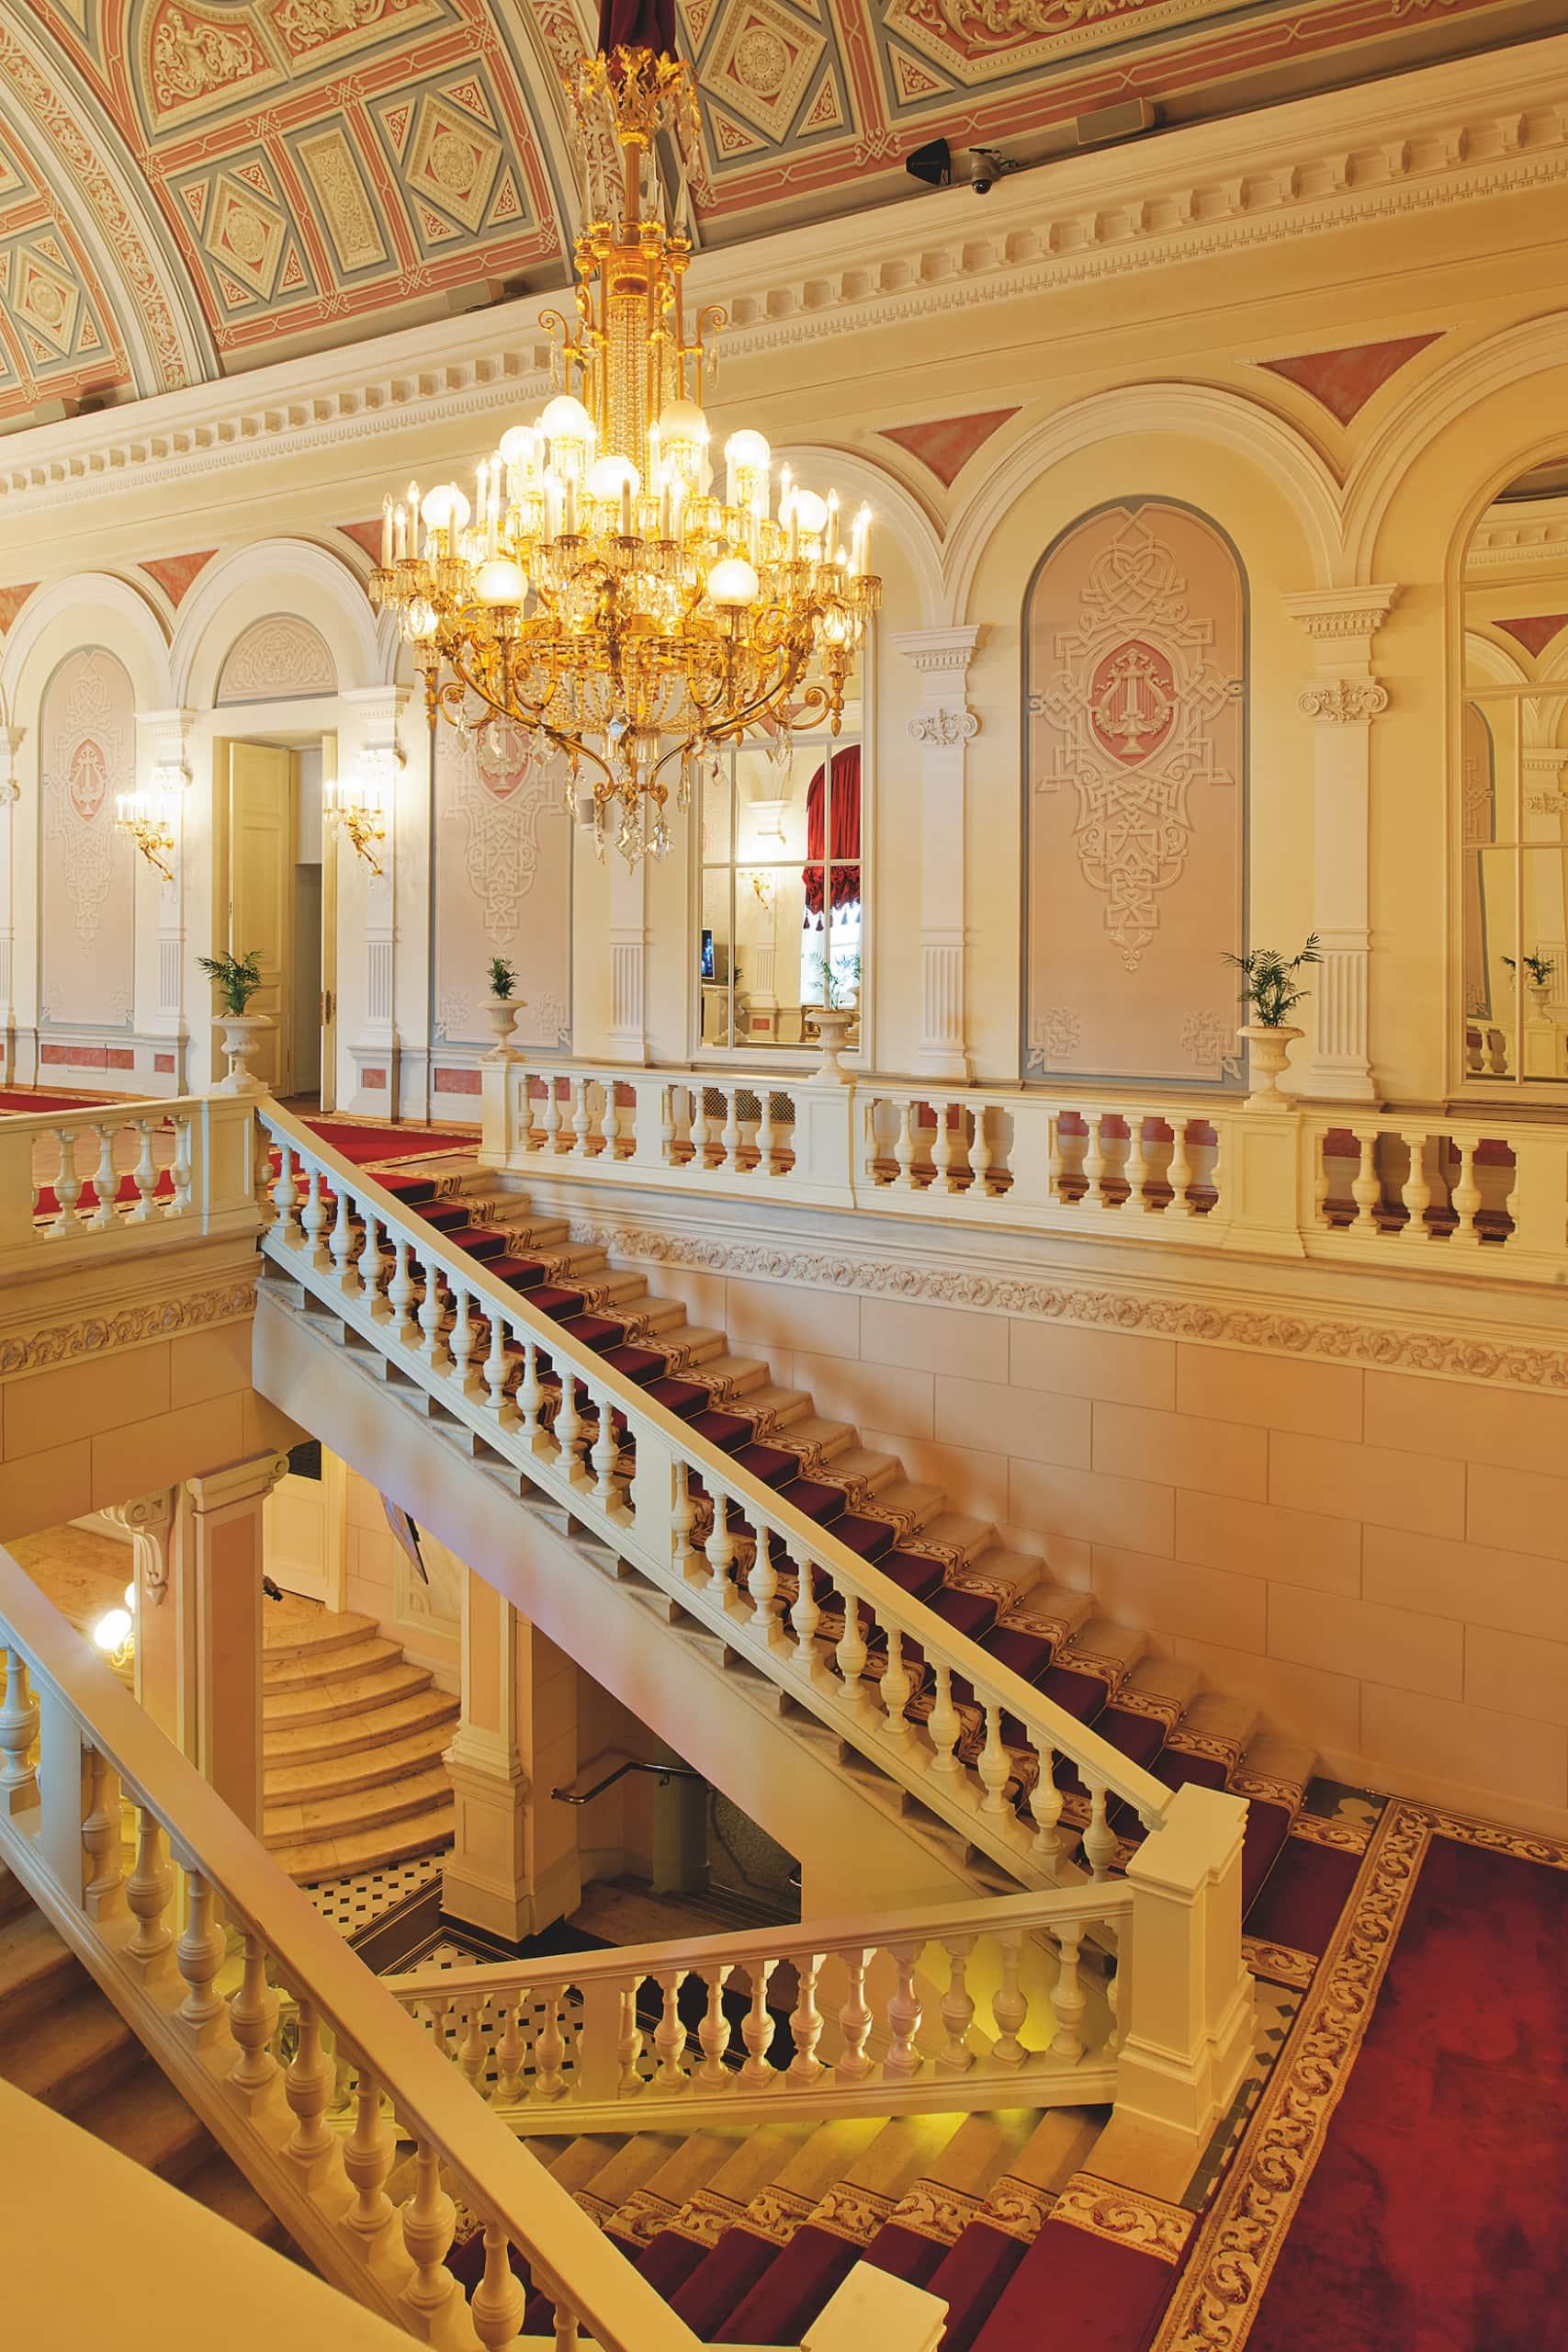 Treppenstufen im Inneren des edeln Bolschoi-Theater-Theaters in Moskau, einem der schönsten Opernhäuser weltweit